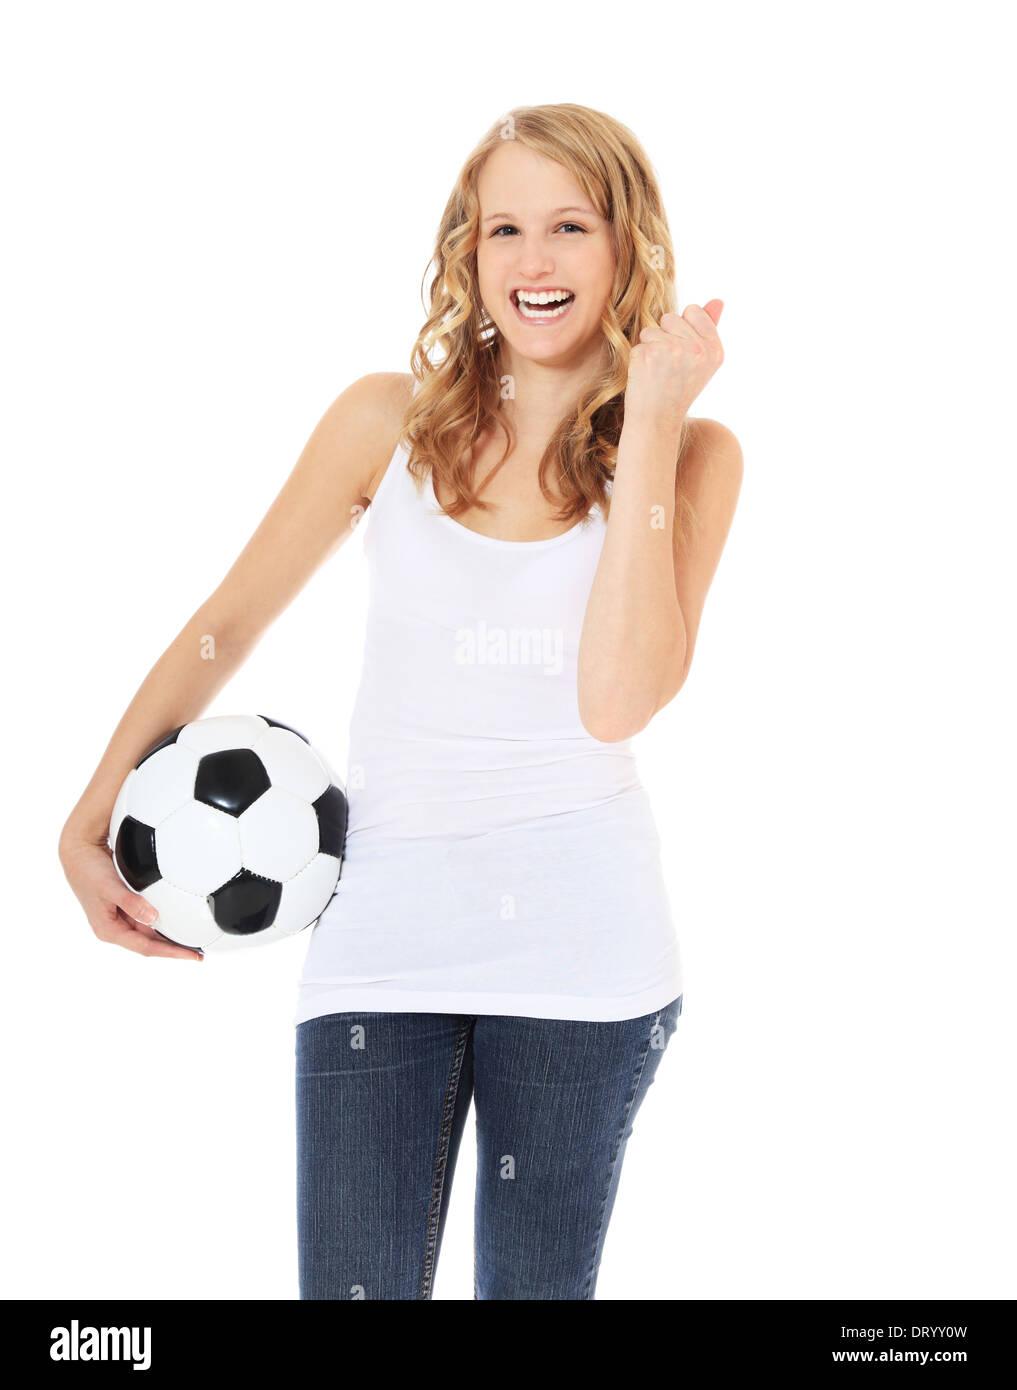 02dae47a64c76 Atractiva Chica sujetando una pelota de fútbol. Todo sobre fondo blanco.  Imagen De Stock